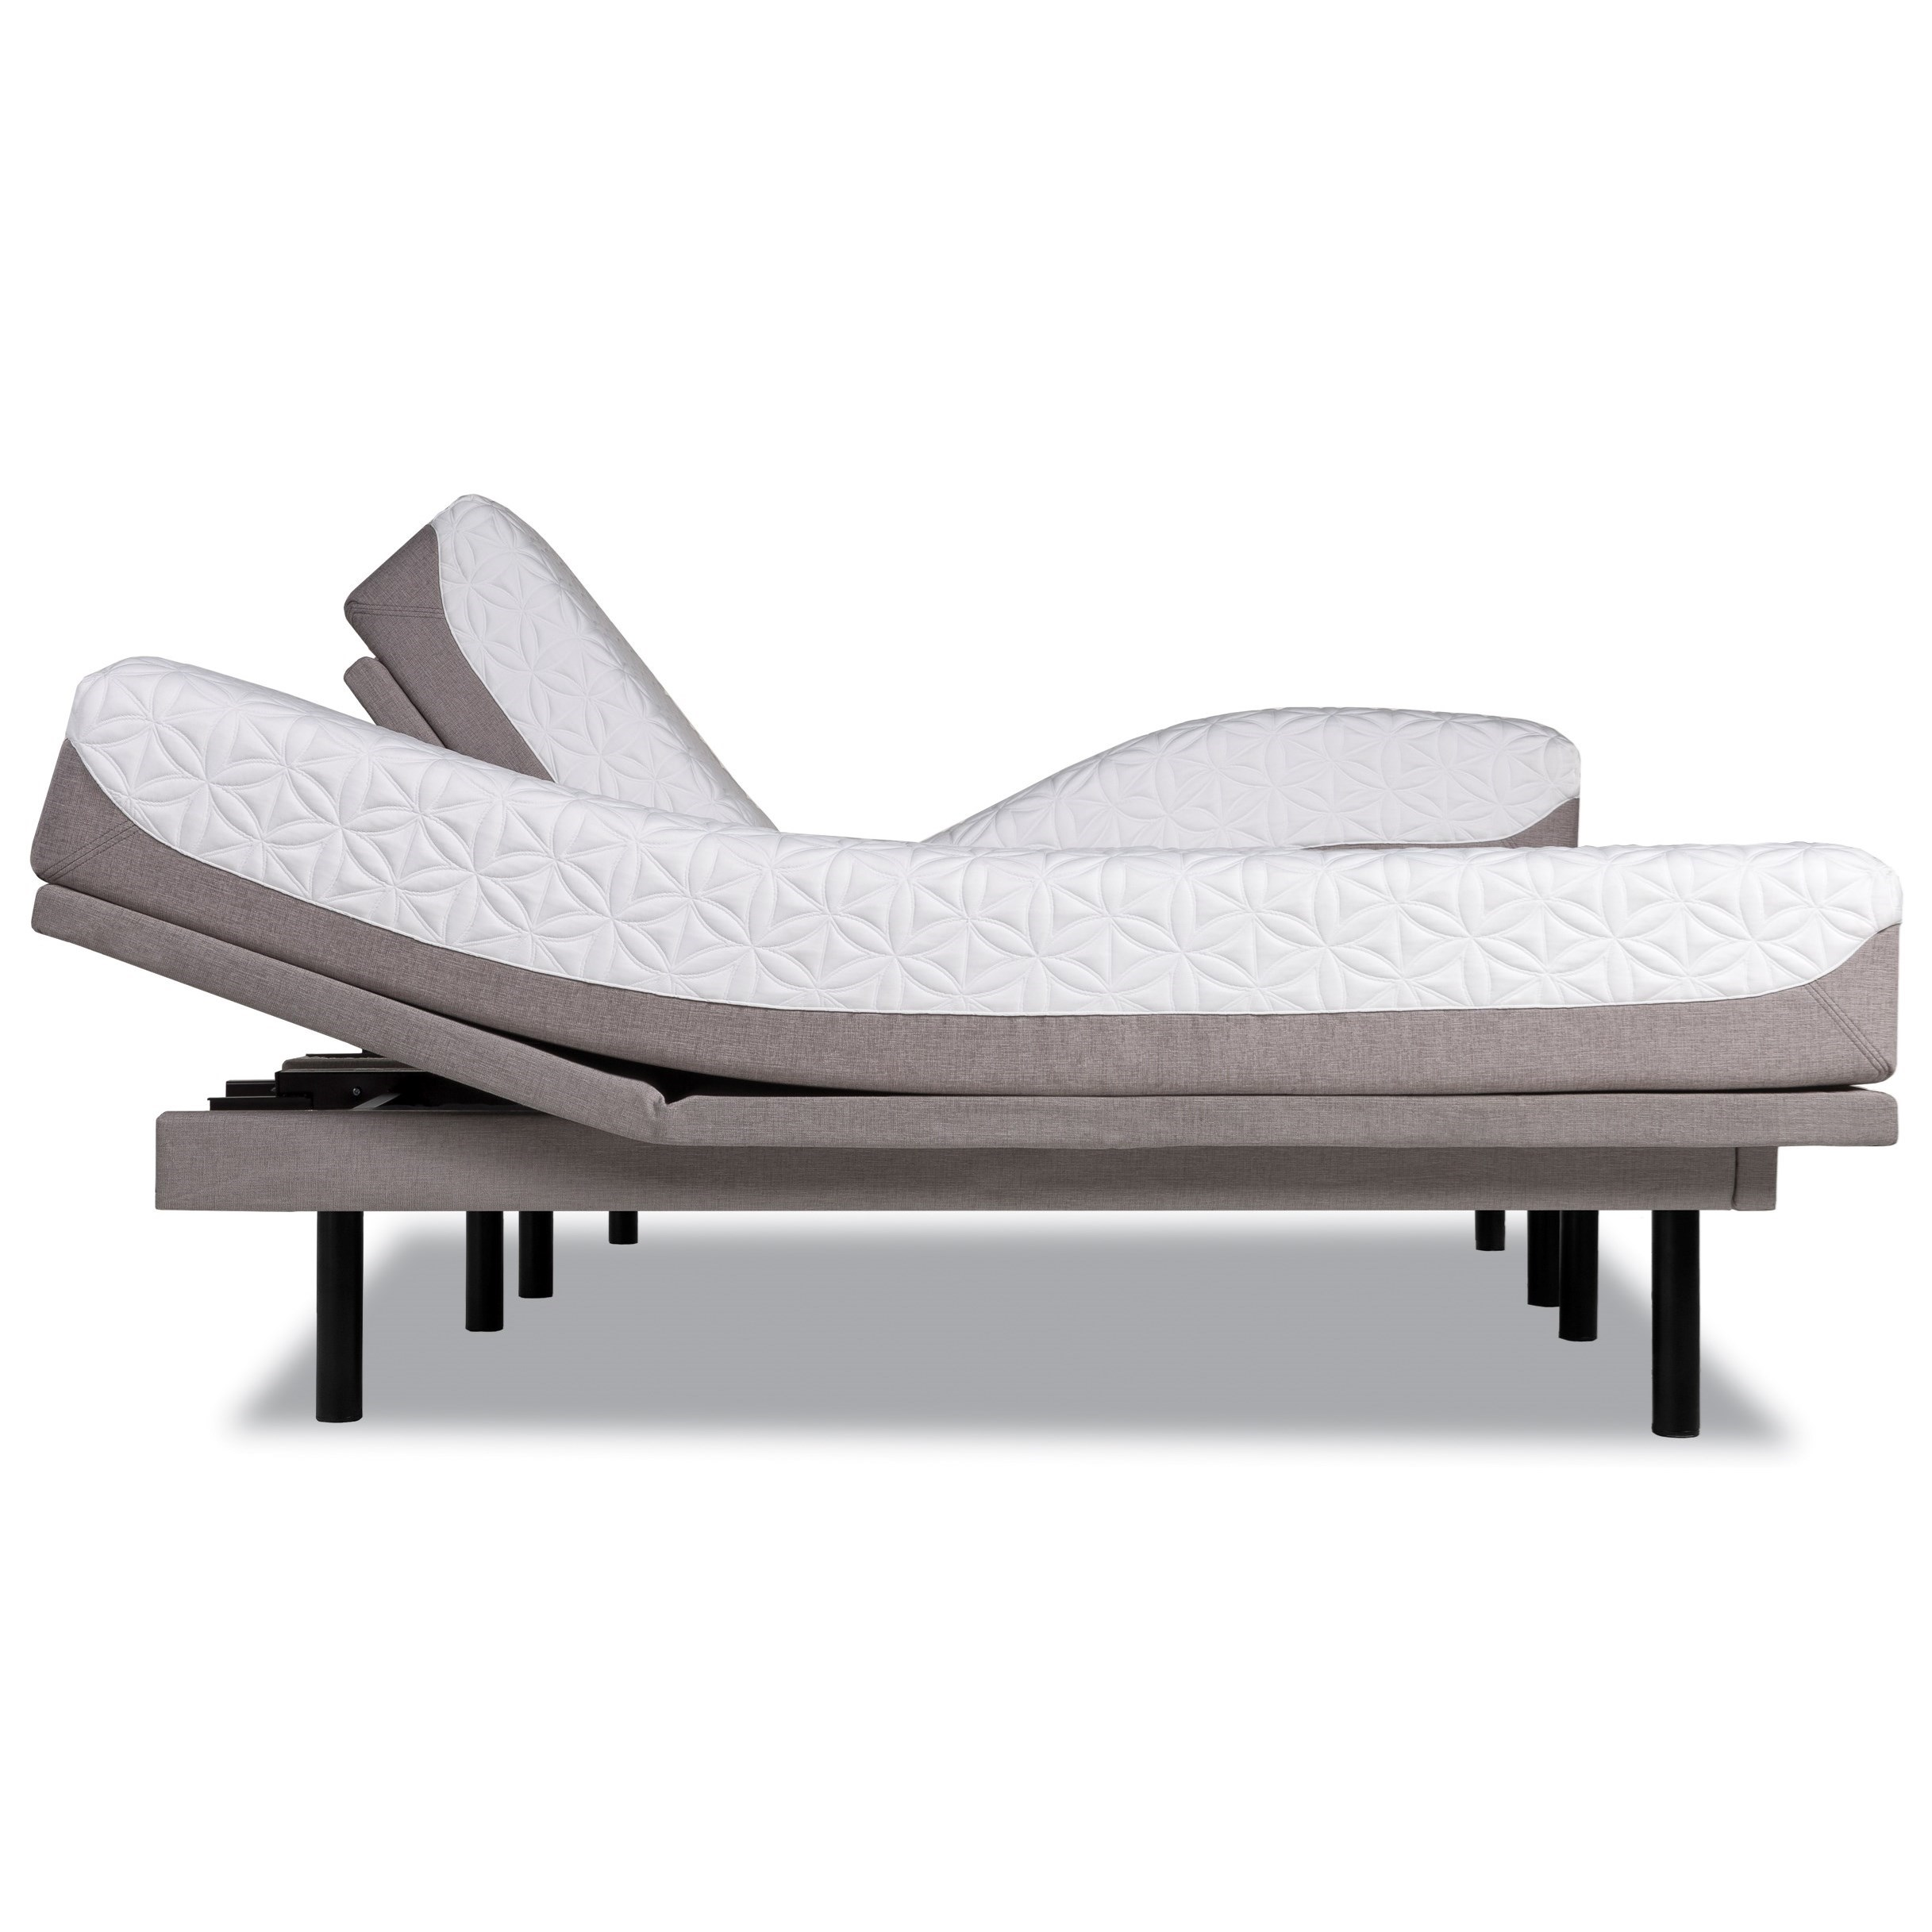 Tempur-Pedic® TEMPUR-Cloud Prima Queen Medium-Soft Mattress Set - Item Number: 10237150+25289250